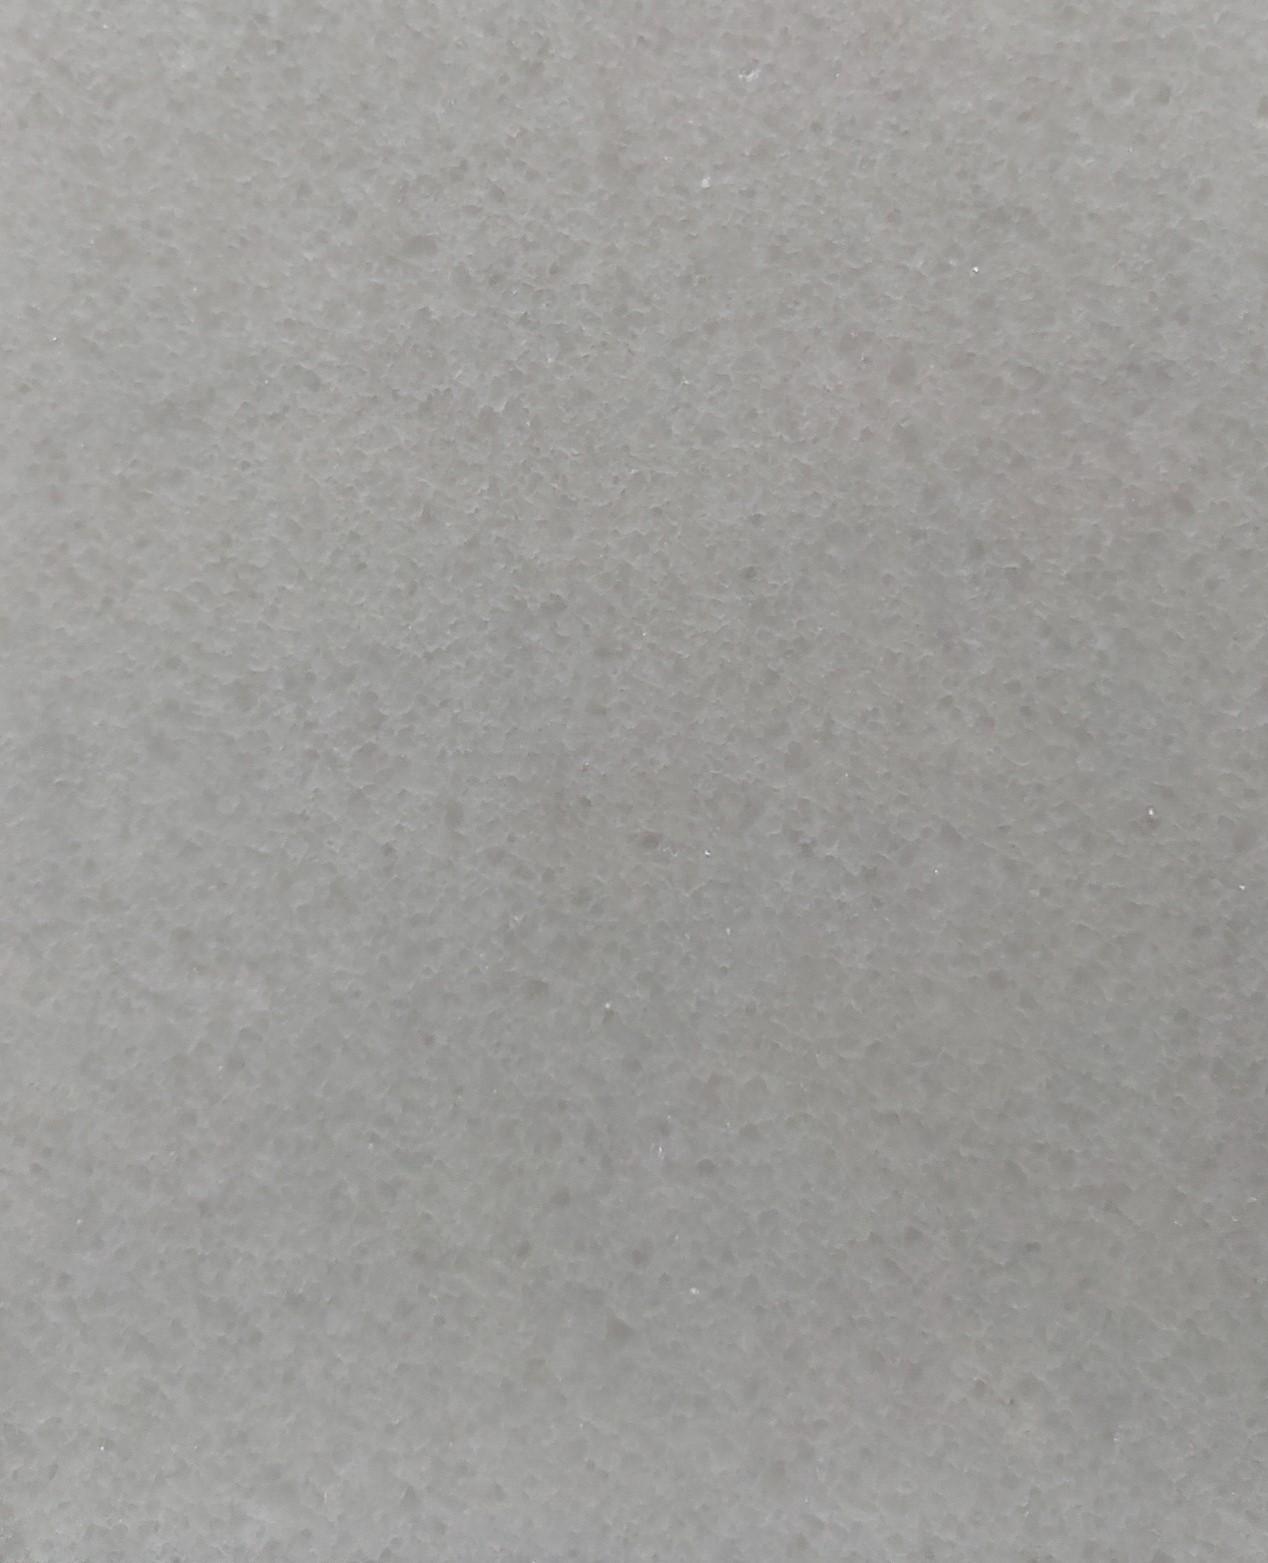 WHITE CRYSTAL MARBLE TILE POLISHED FINISH